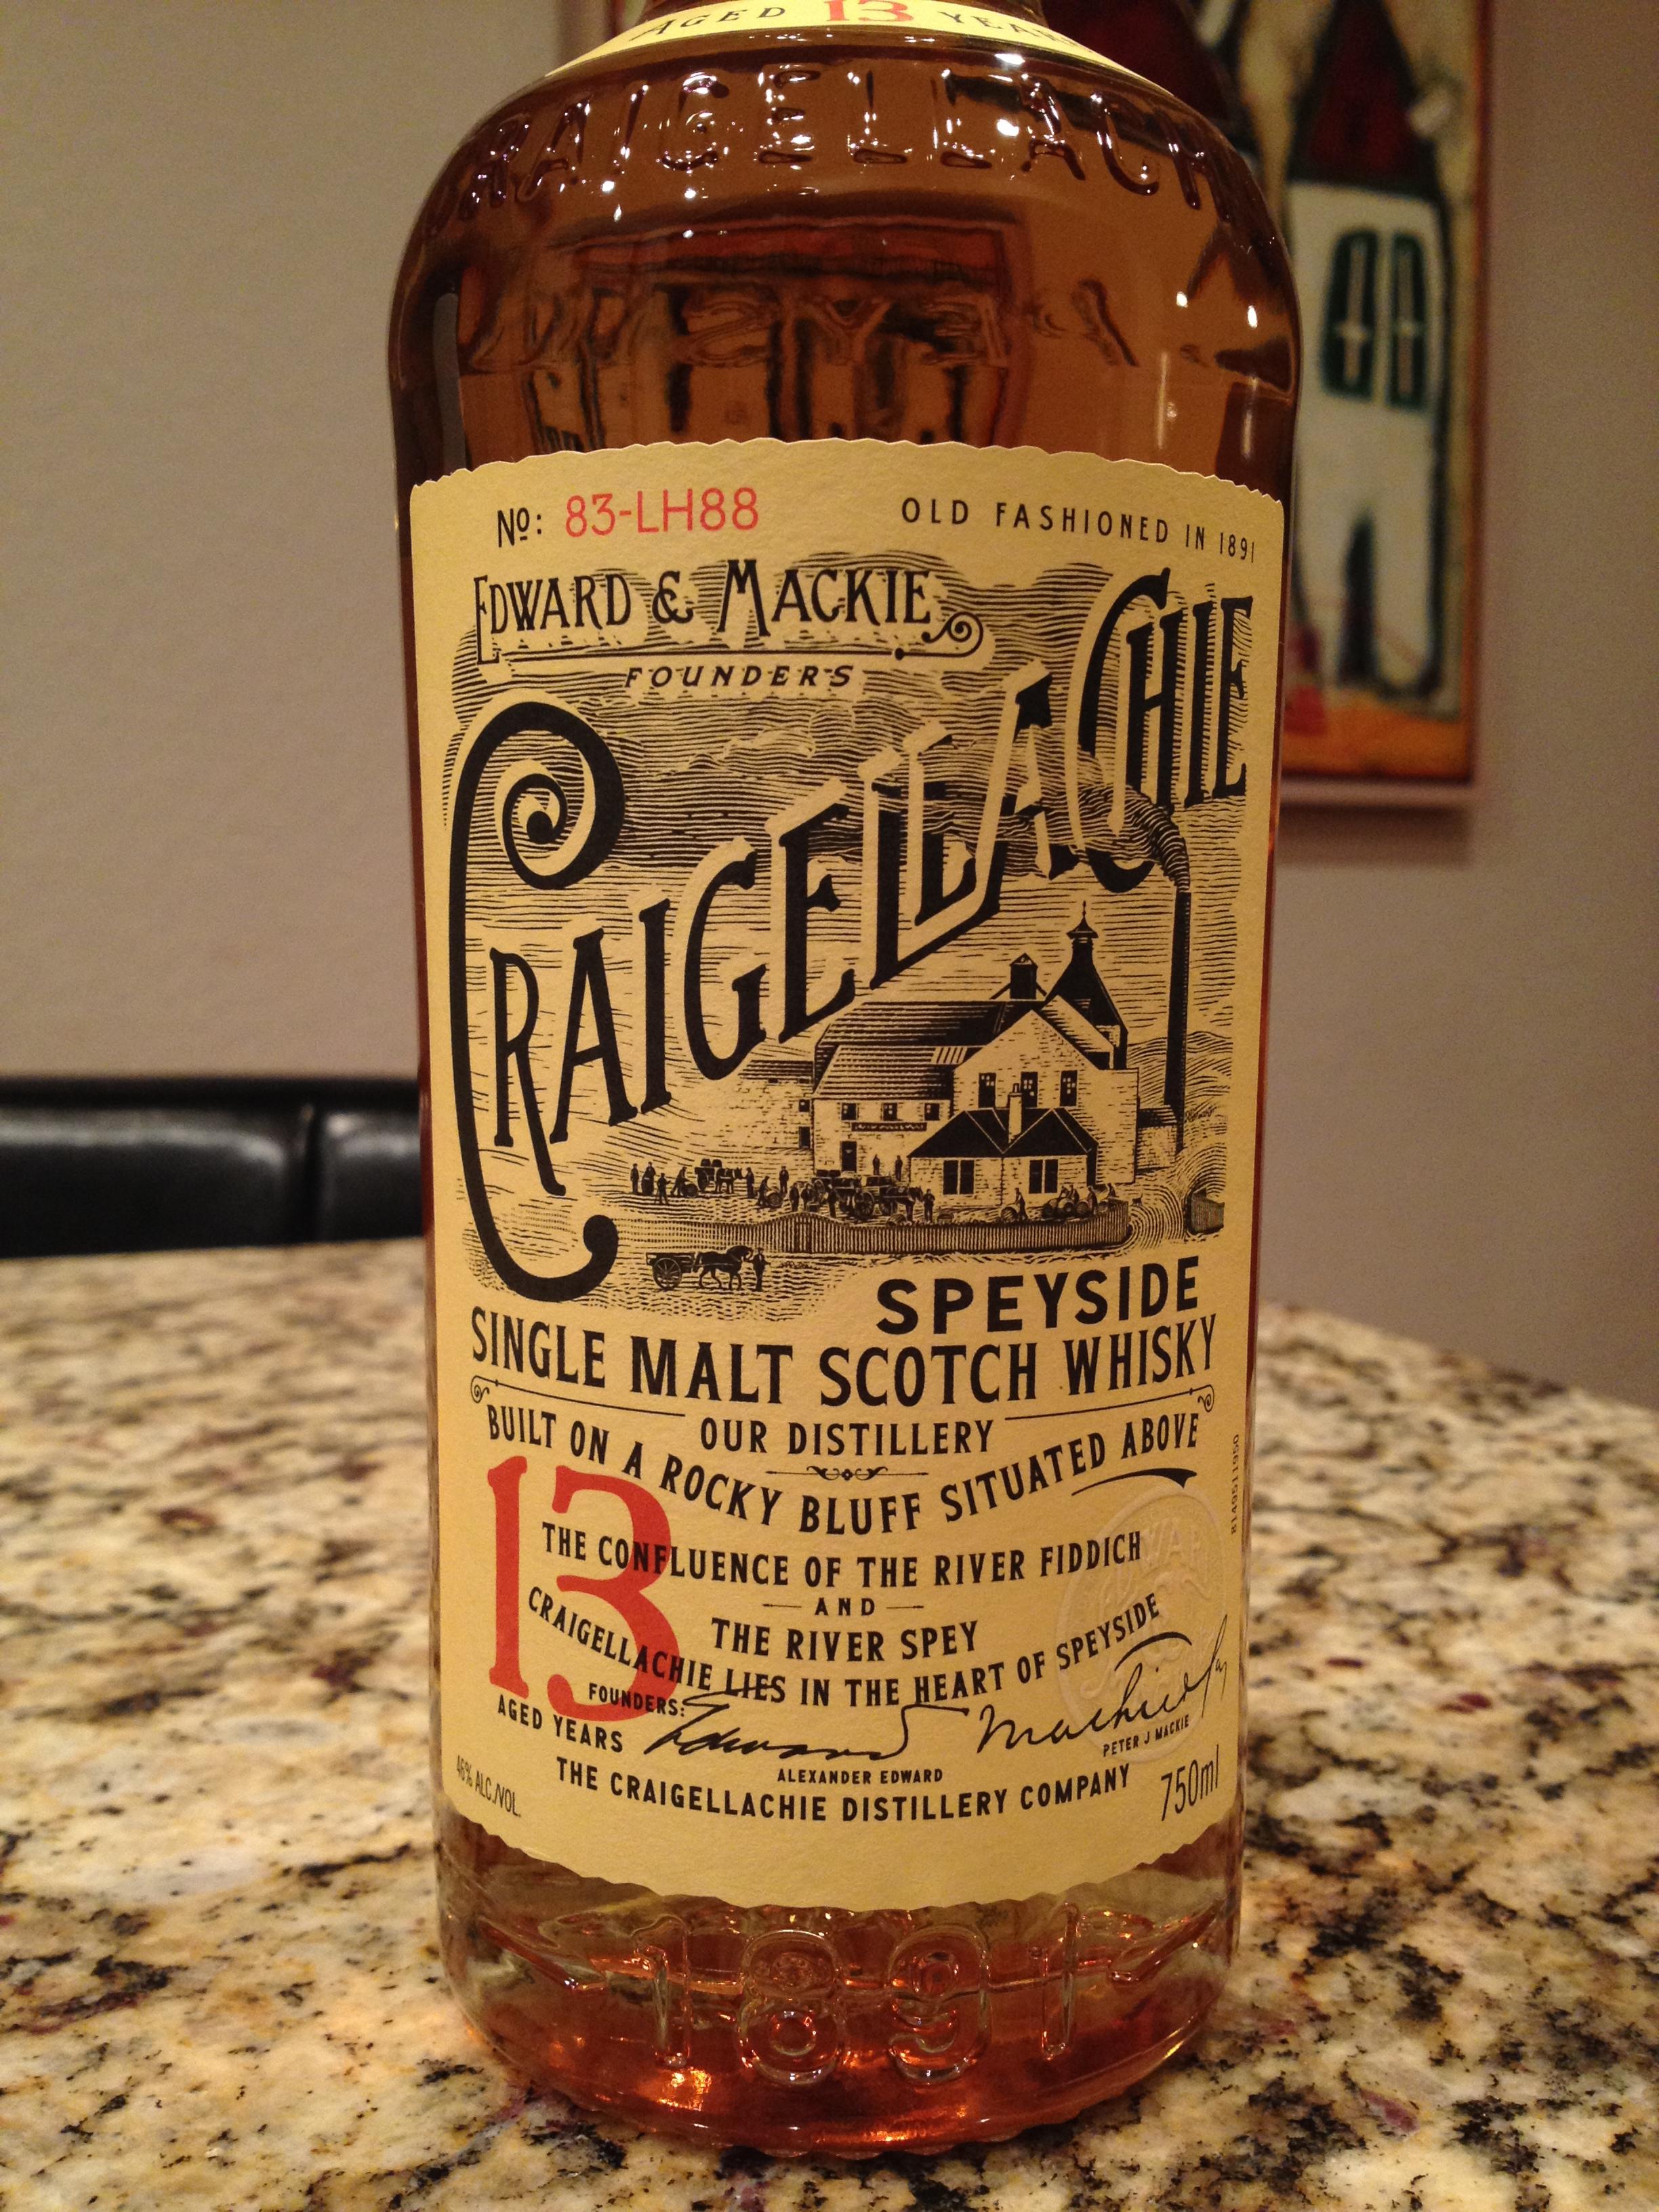 13 Year Old | 46% ABV - Distillery | Craigellachie